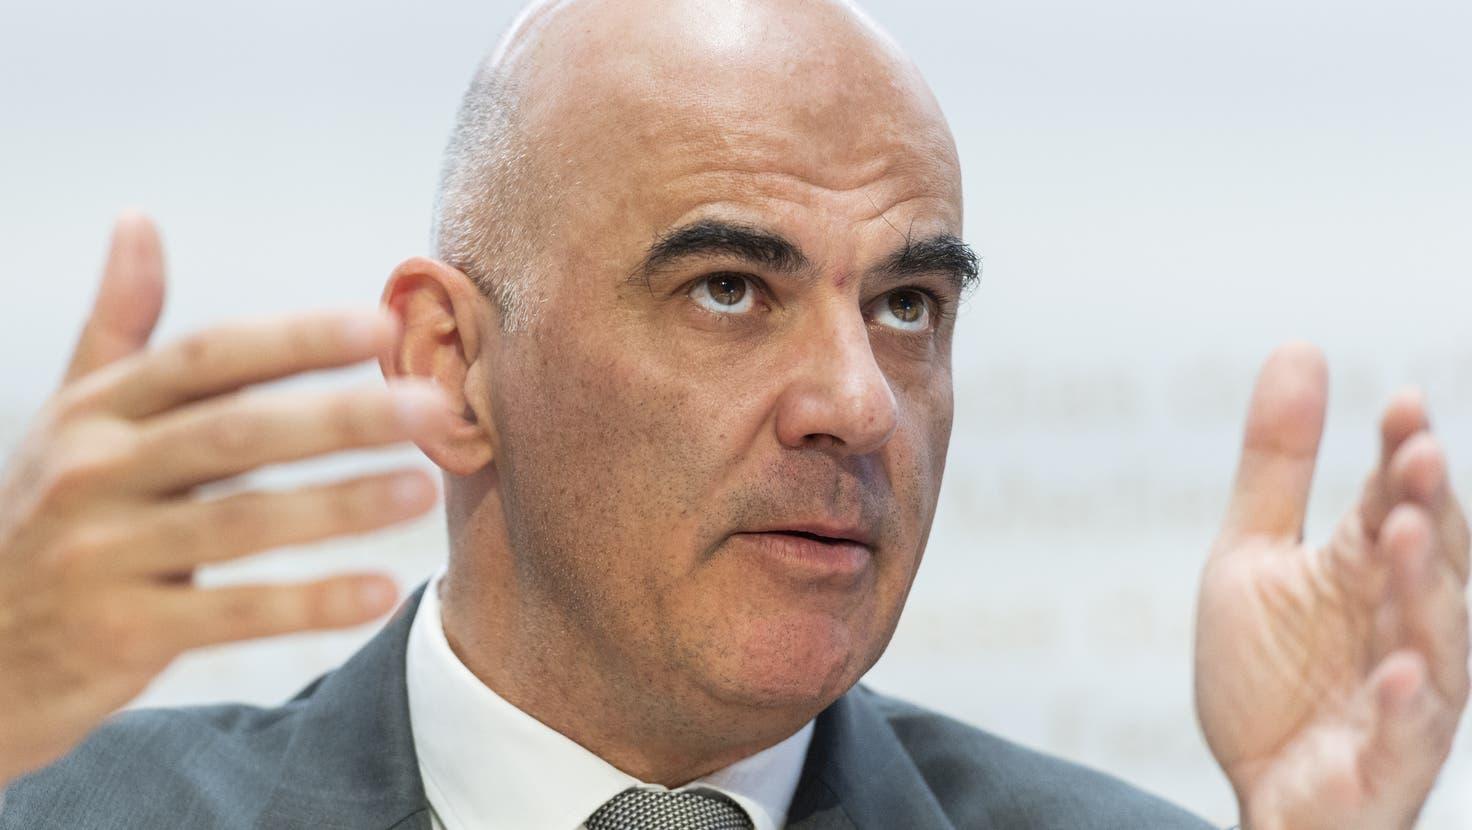 Gesundheitsminister Berset möchte den Impfpass für Grossveranstaltungen eine Weile beibehalten. (chm)